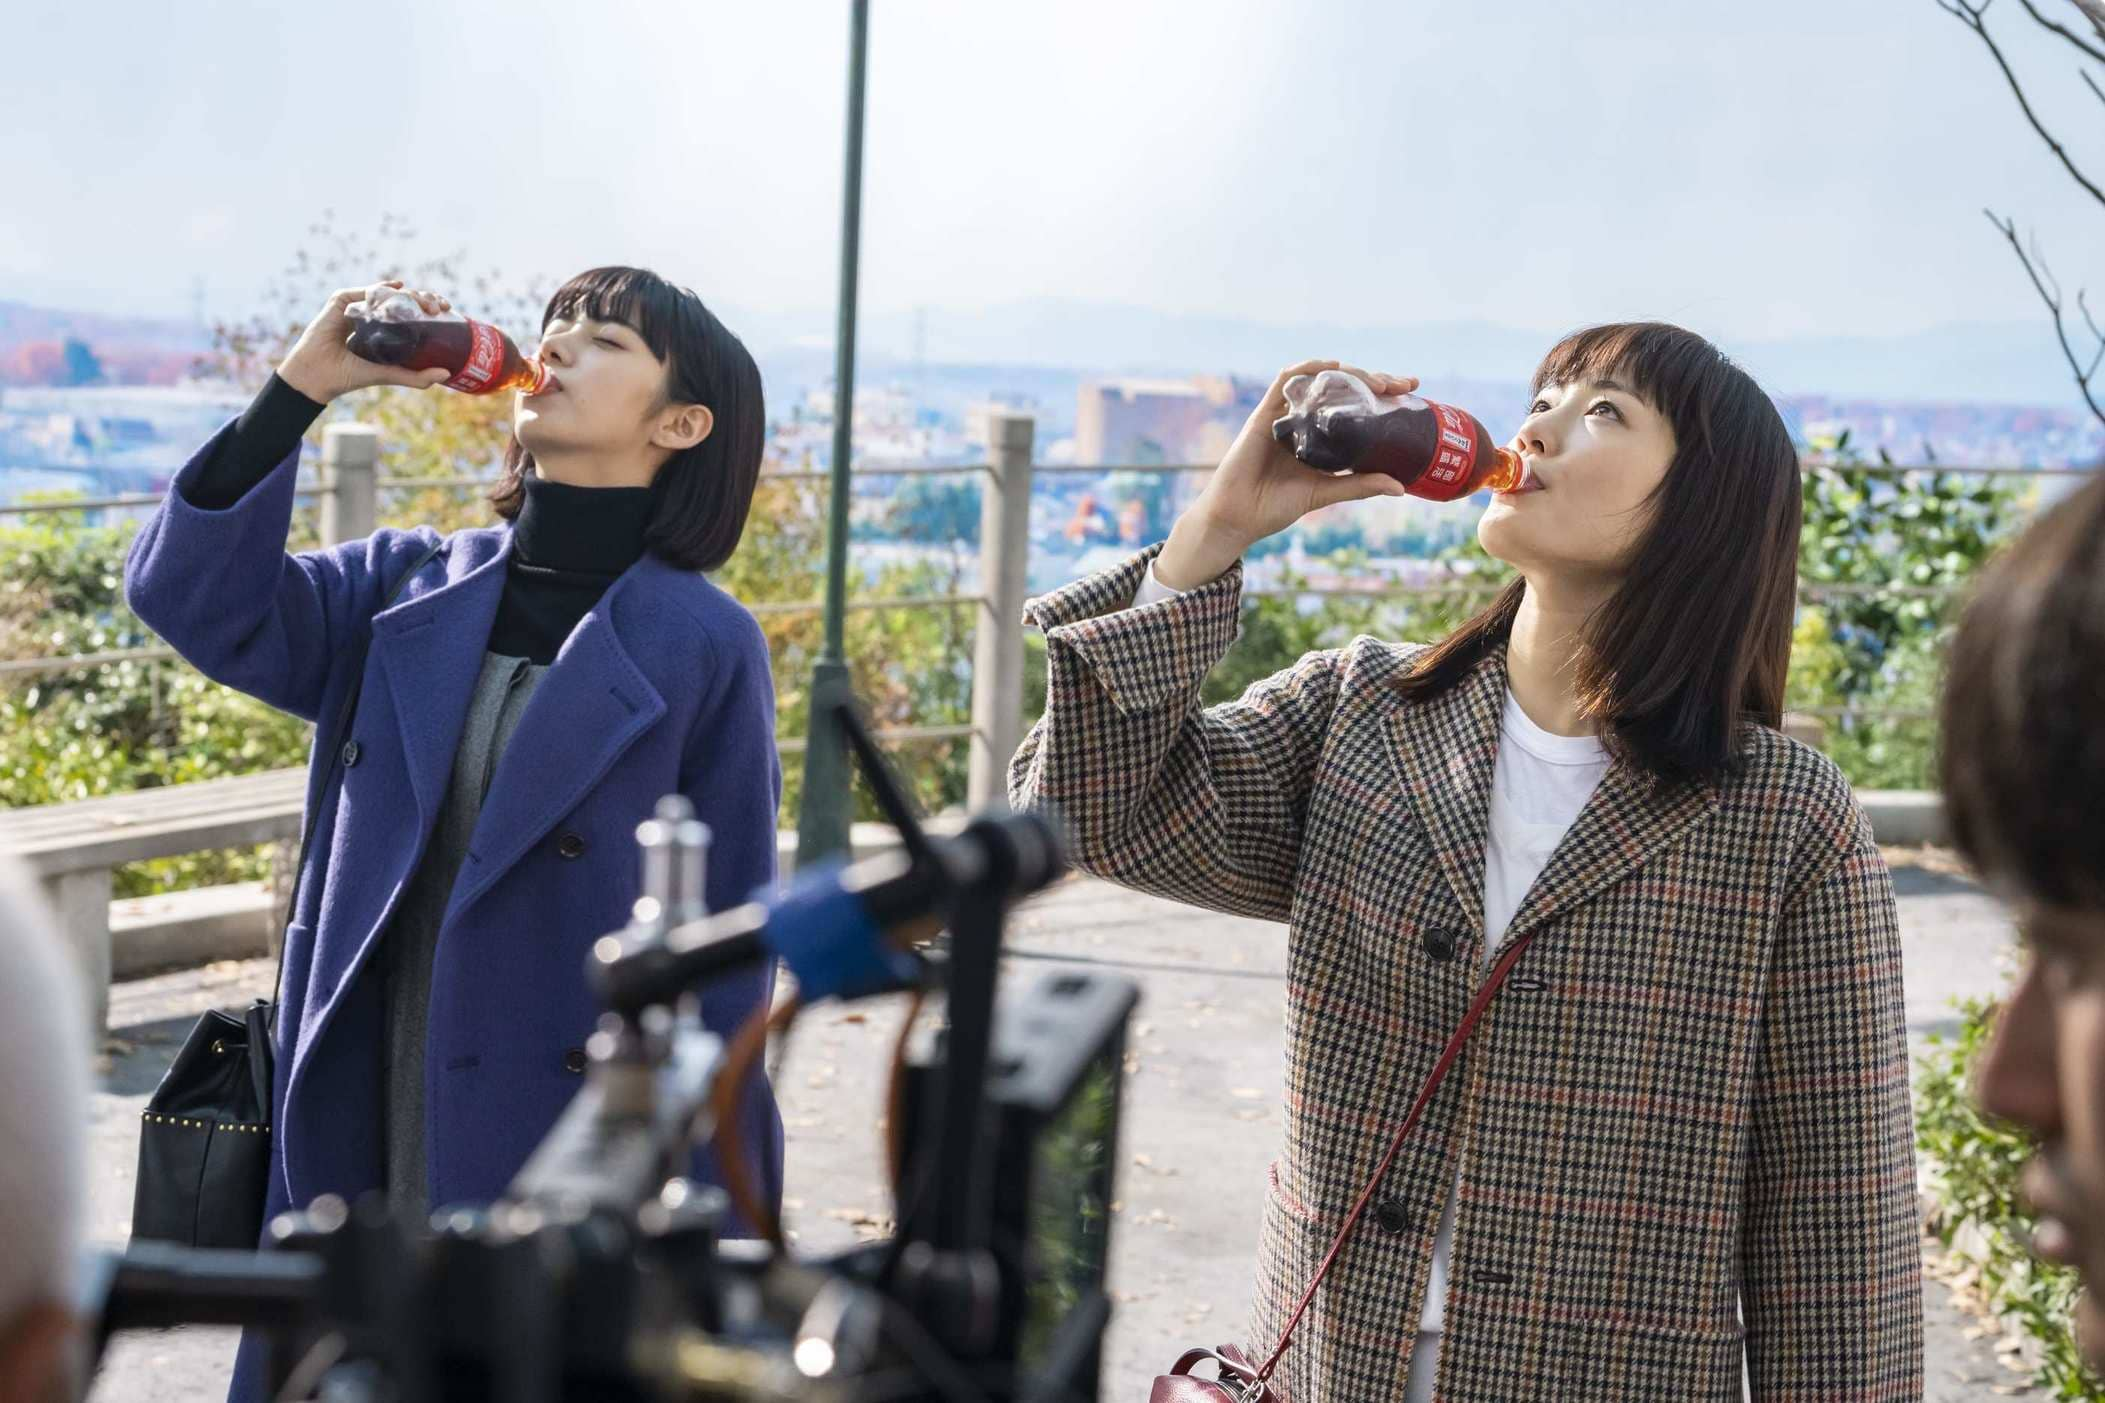 綾瀬はるか(女優)池田エライザ/コカ・コーラCM 2019年1月